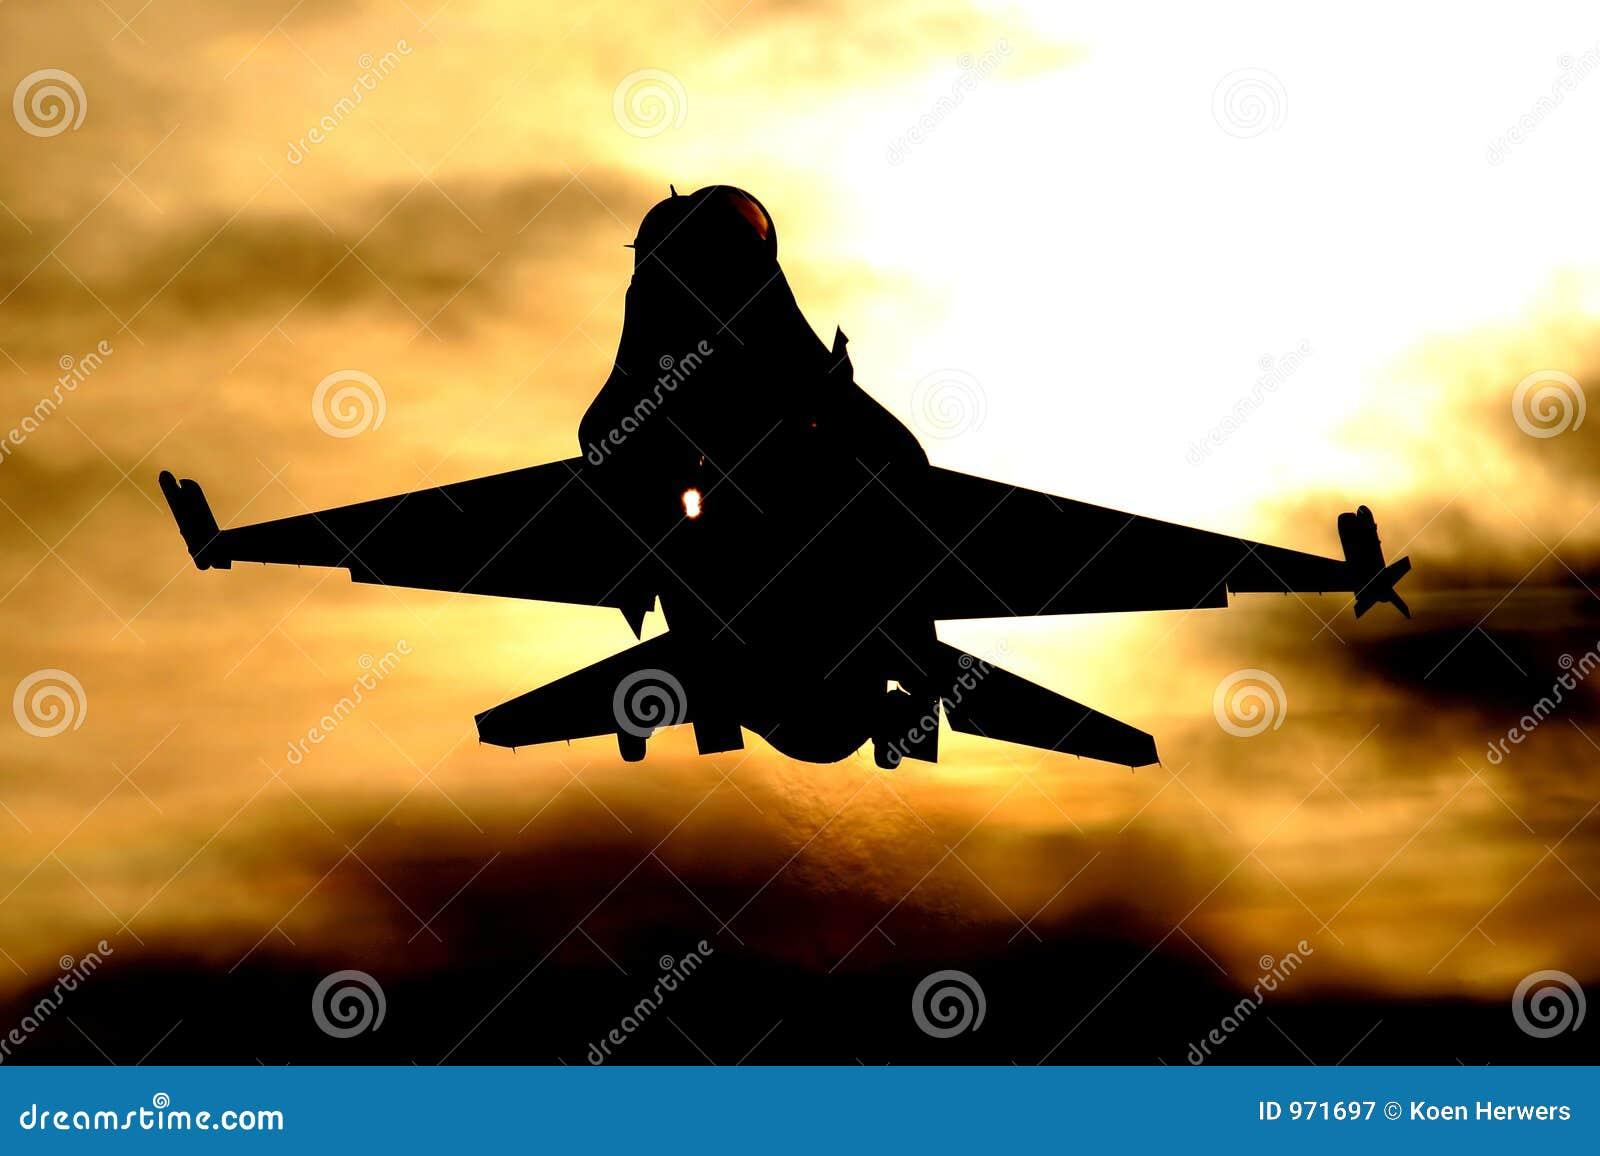 Landung F-16 am Sonnenuntergang